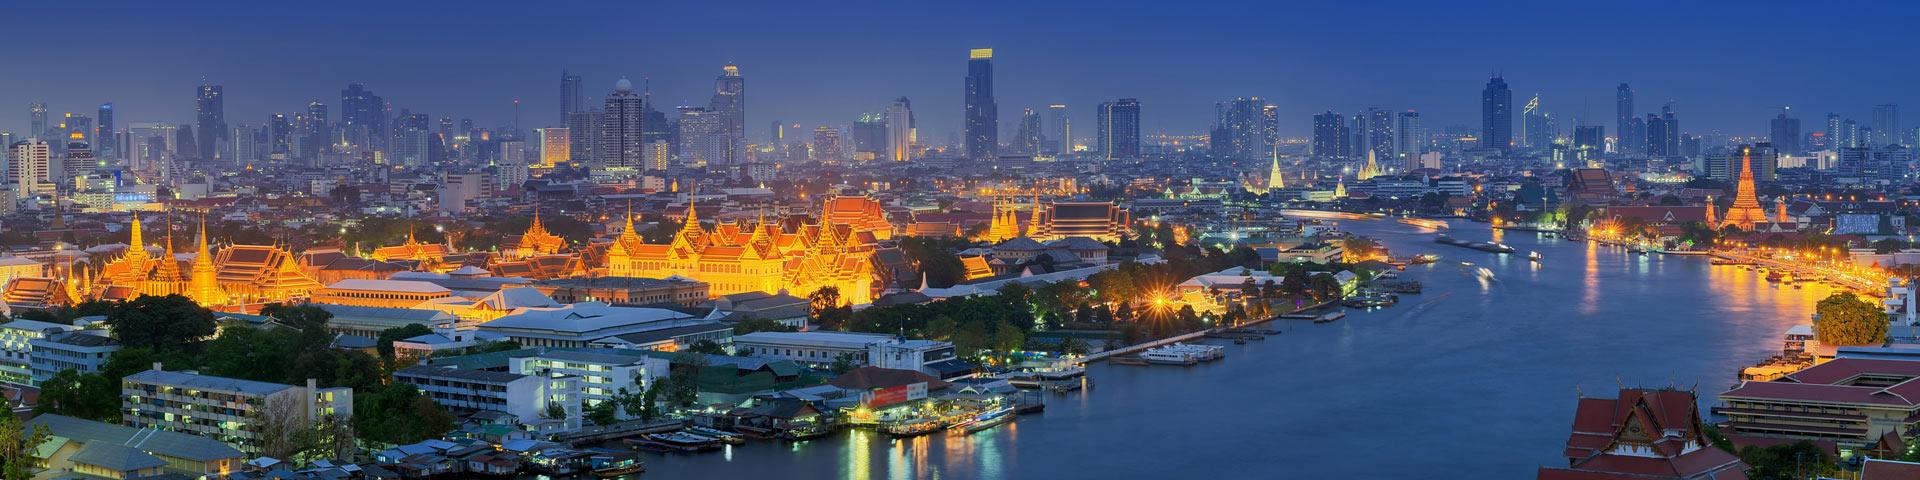 Bangkok hero image